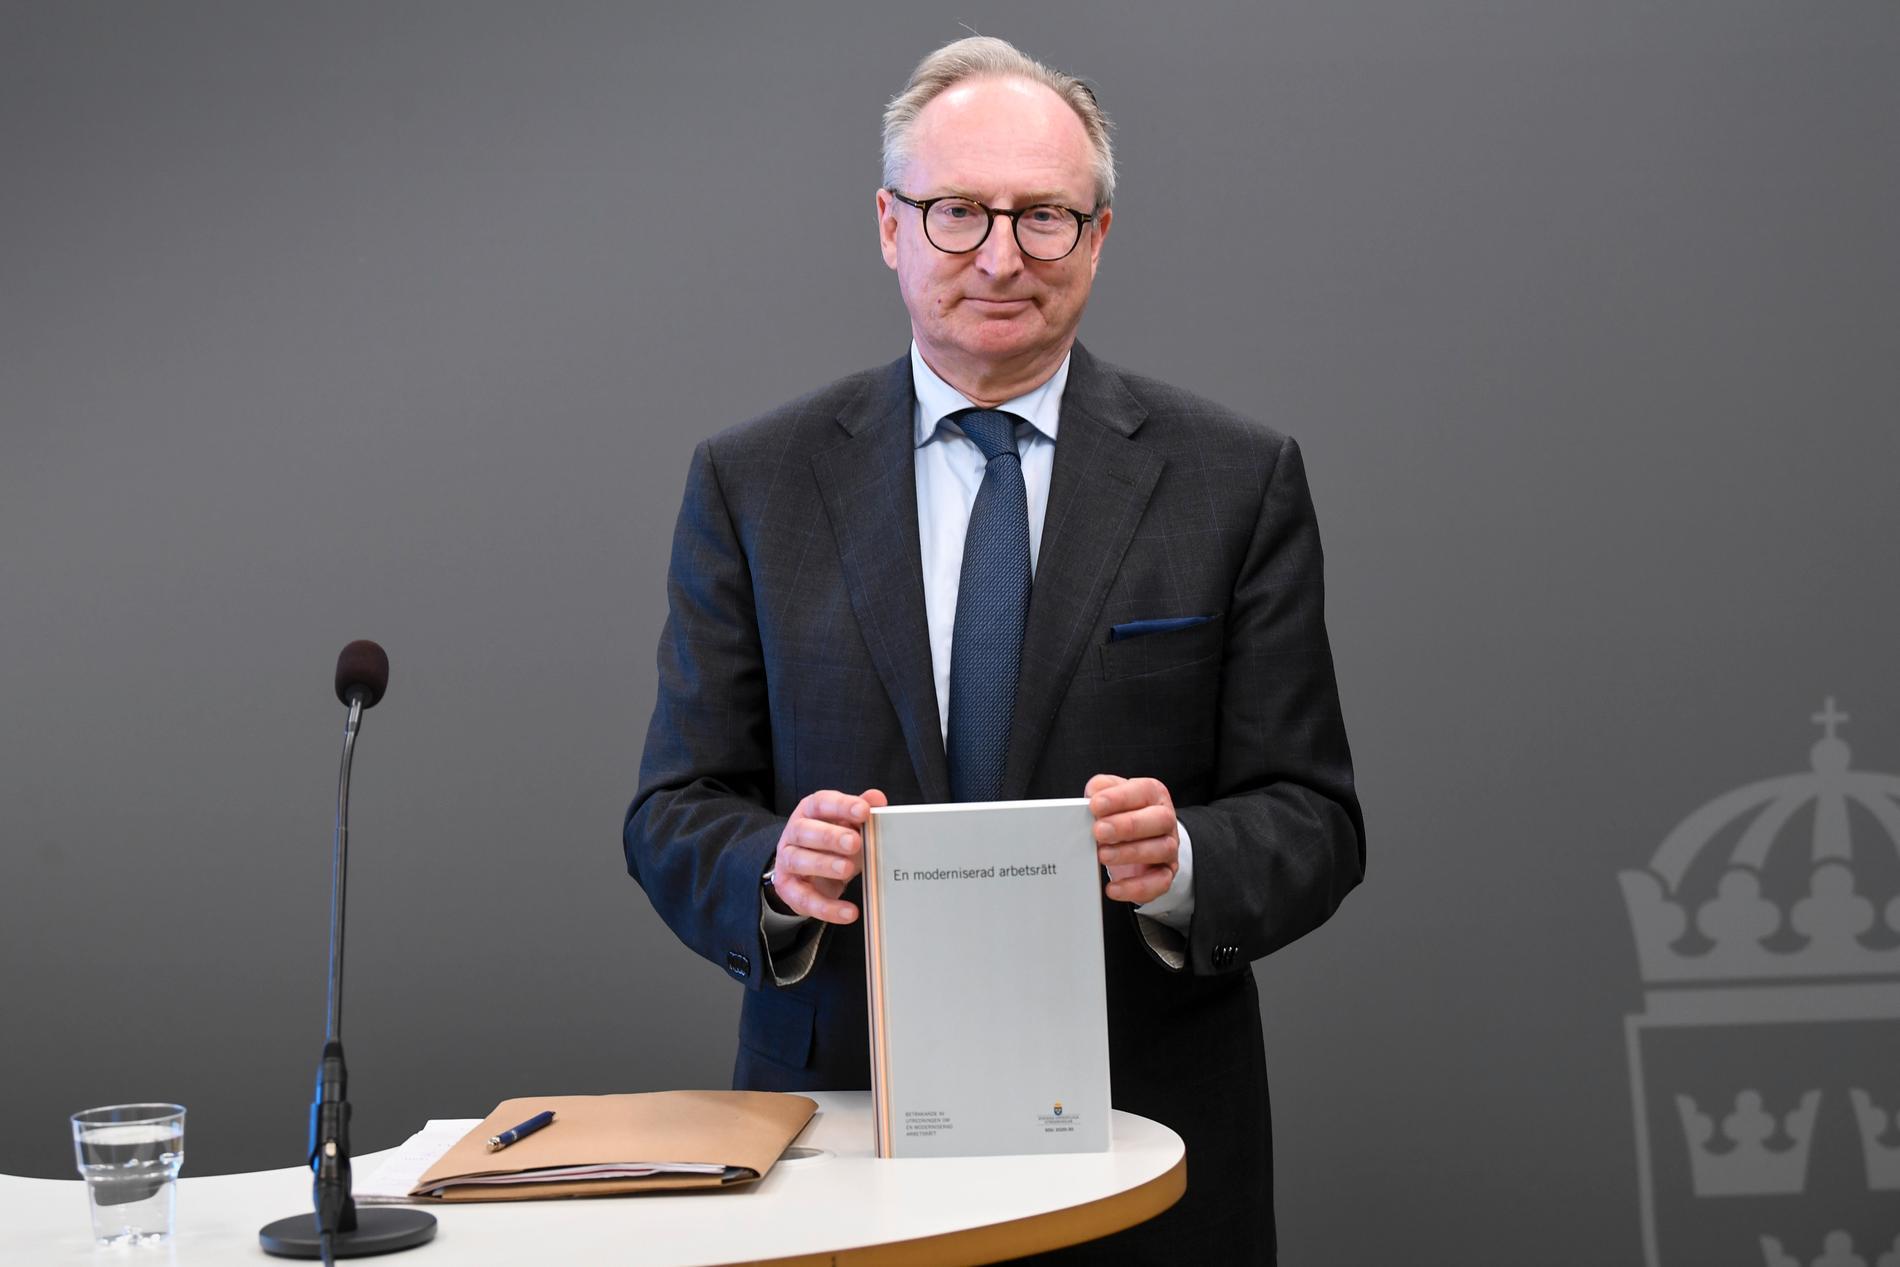 """Särskild utredare Gudmund Toijer presenterade utredningen """"En moderniserad arbetsrätt"""" under en pressträff på måndagen"""